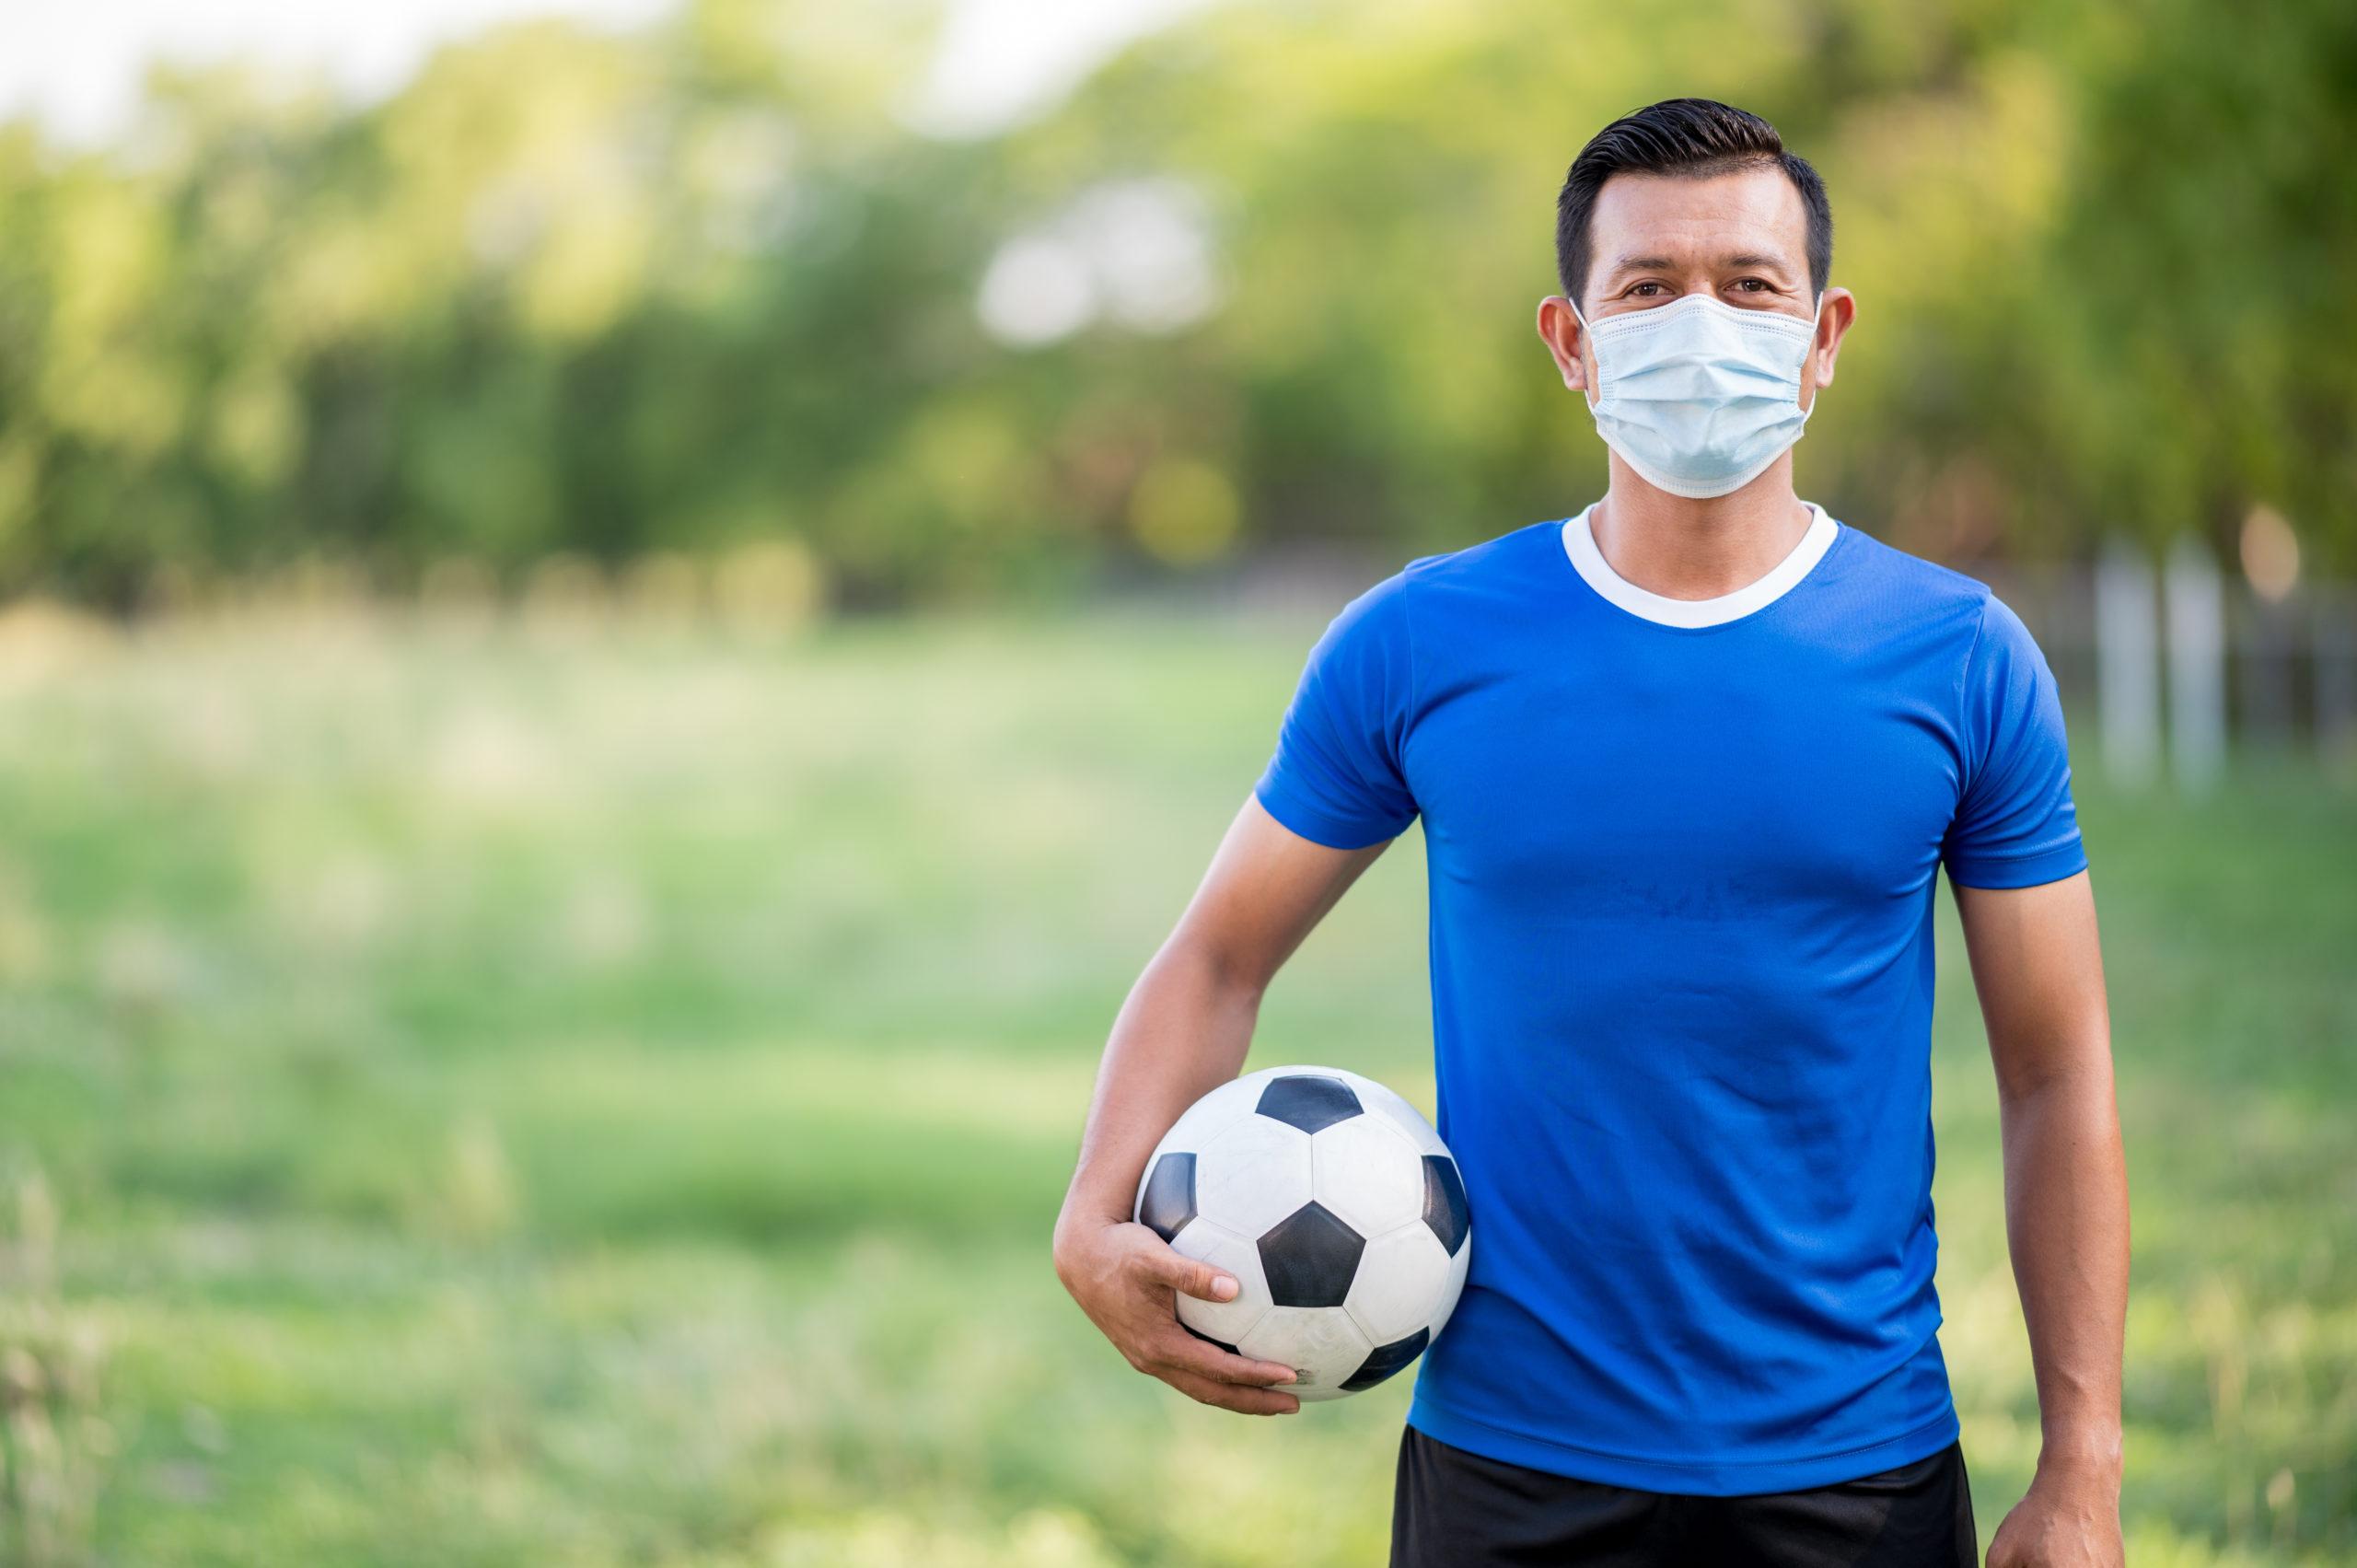 homem camisa azul e máscara segurando bola de futebol